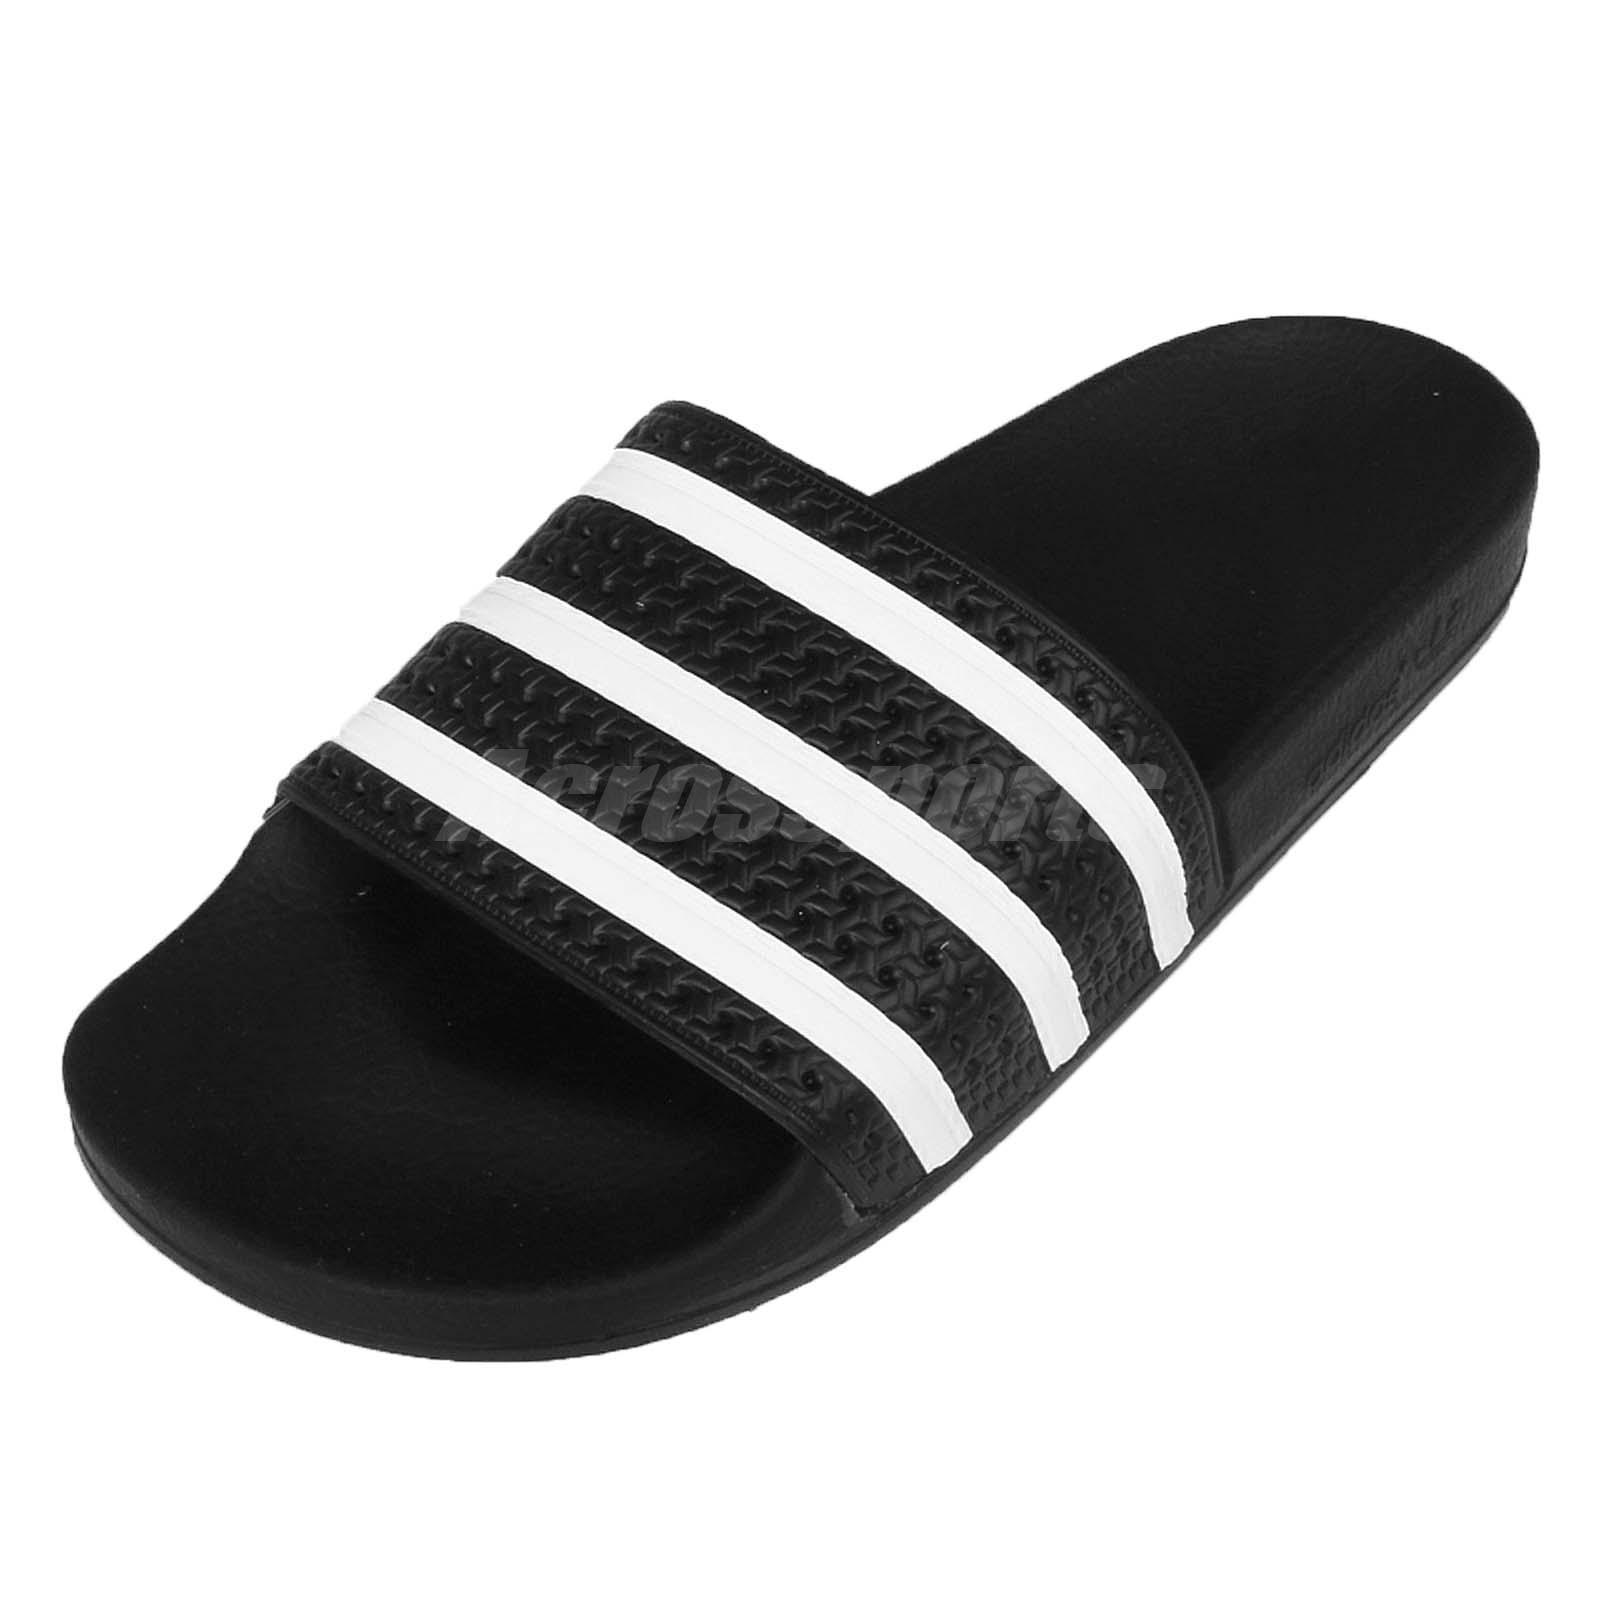 Adidas Performance Adilette Black White Men Sports Sandal Slide